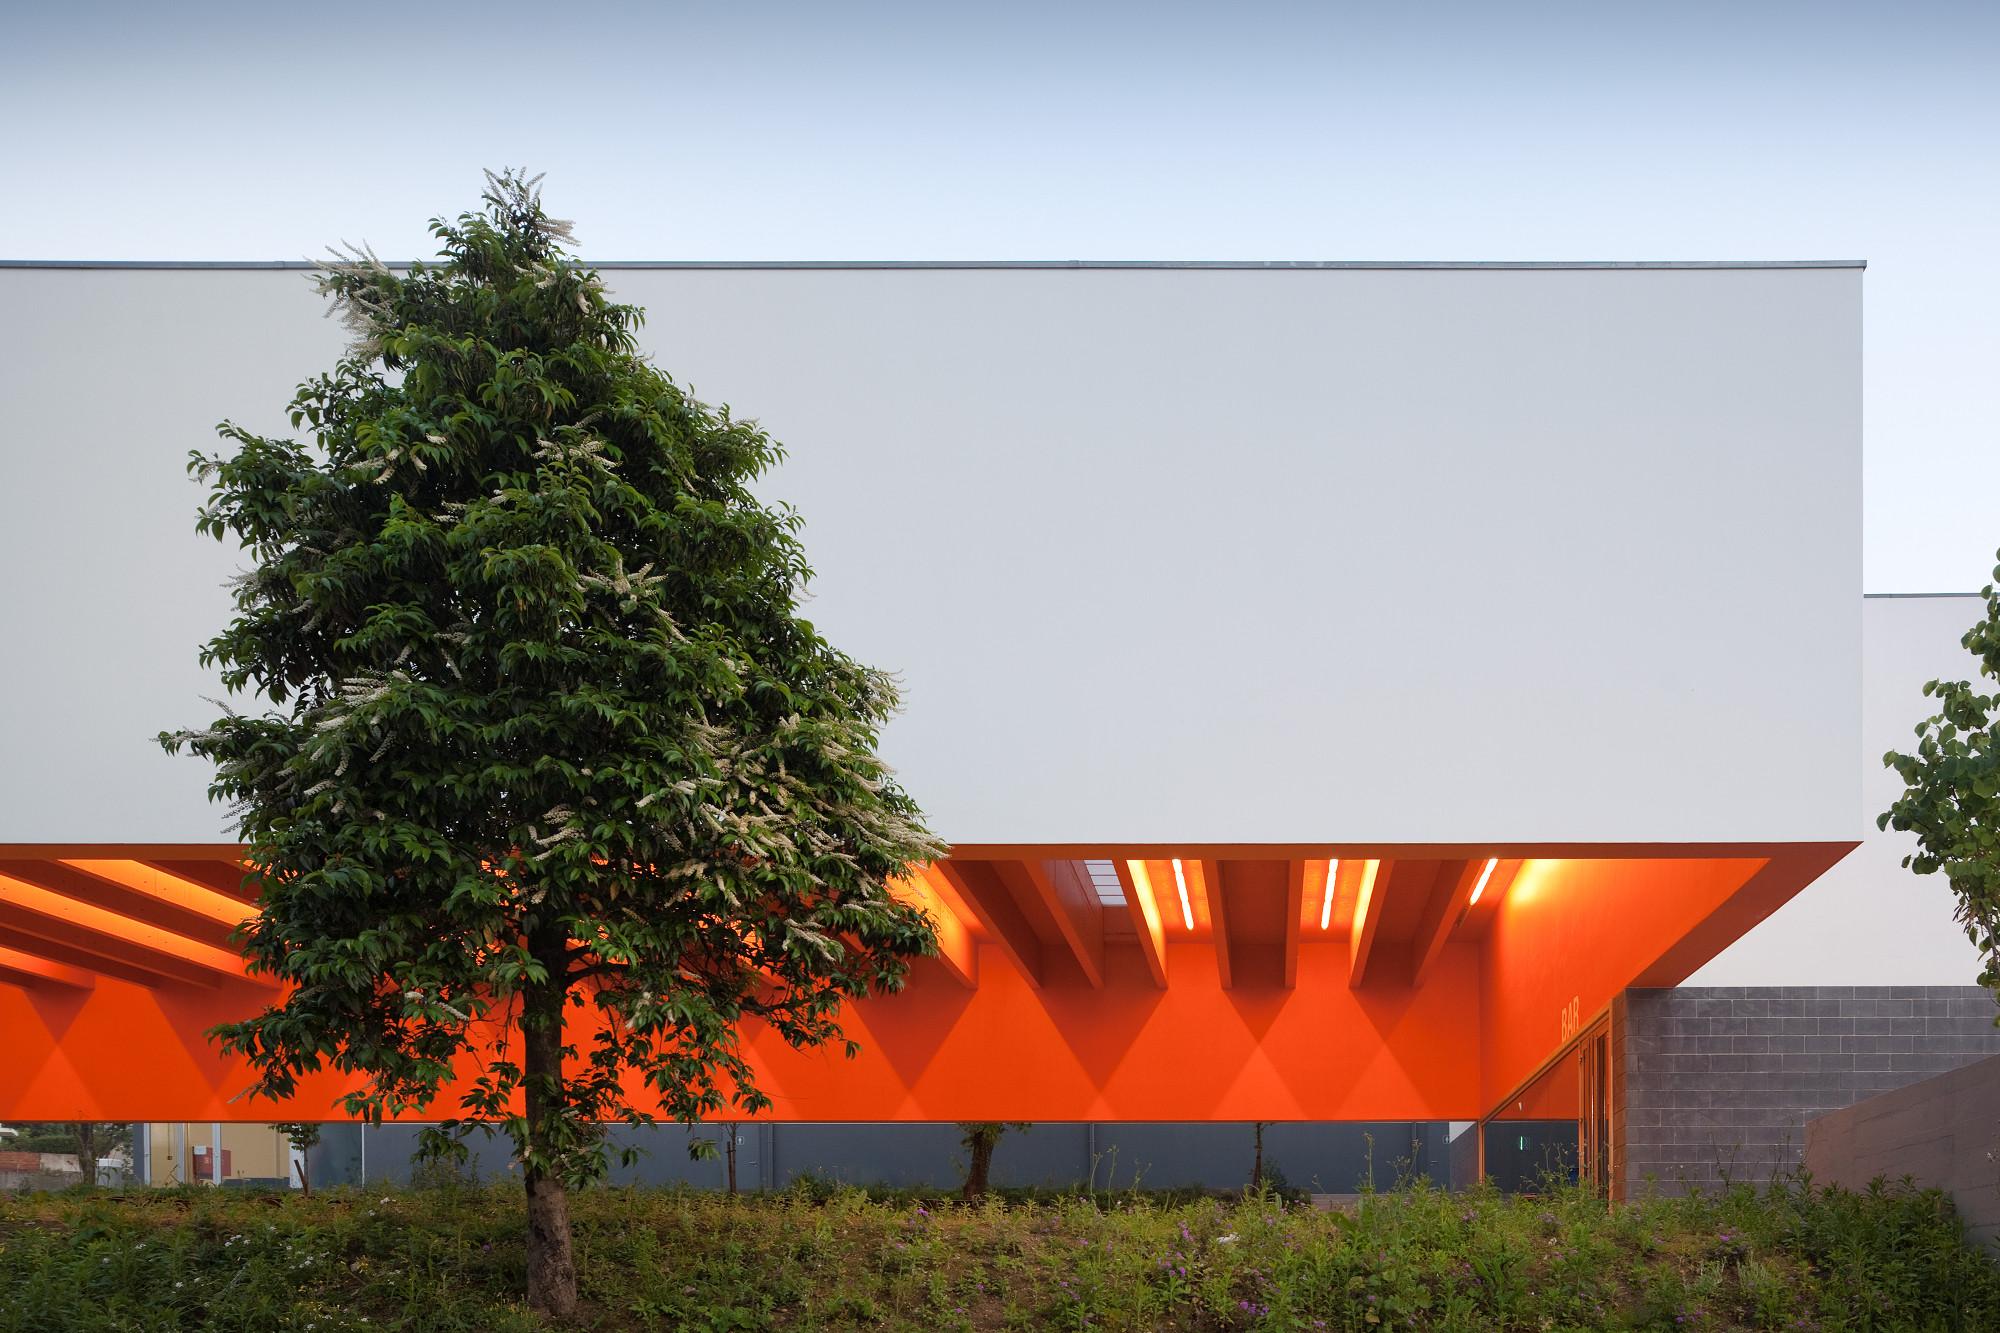 Escola Secundária Garcia da Orta / Bak Gordon Arquitectos, © Fernando Guerra – FG+SG